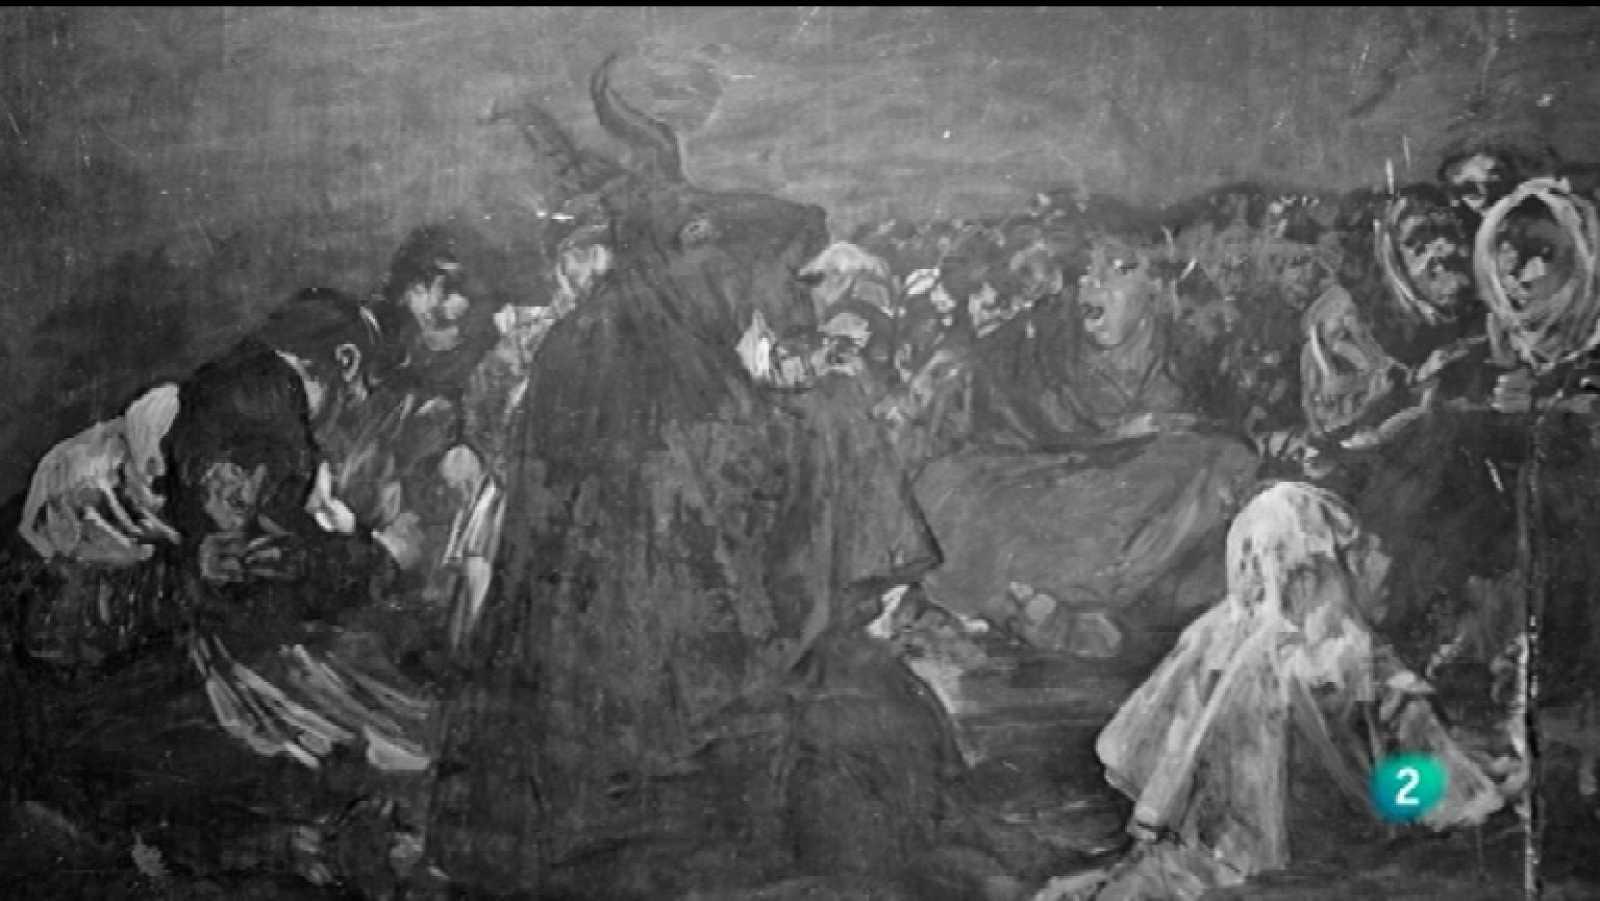 La mitad invisible - Las pinturas negras, de Francisco de Goya - Ver ahora